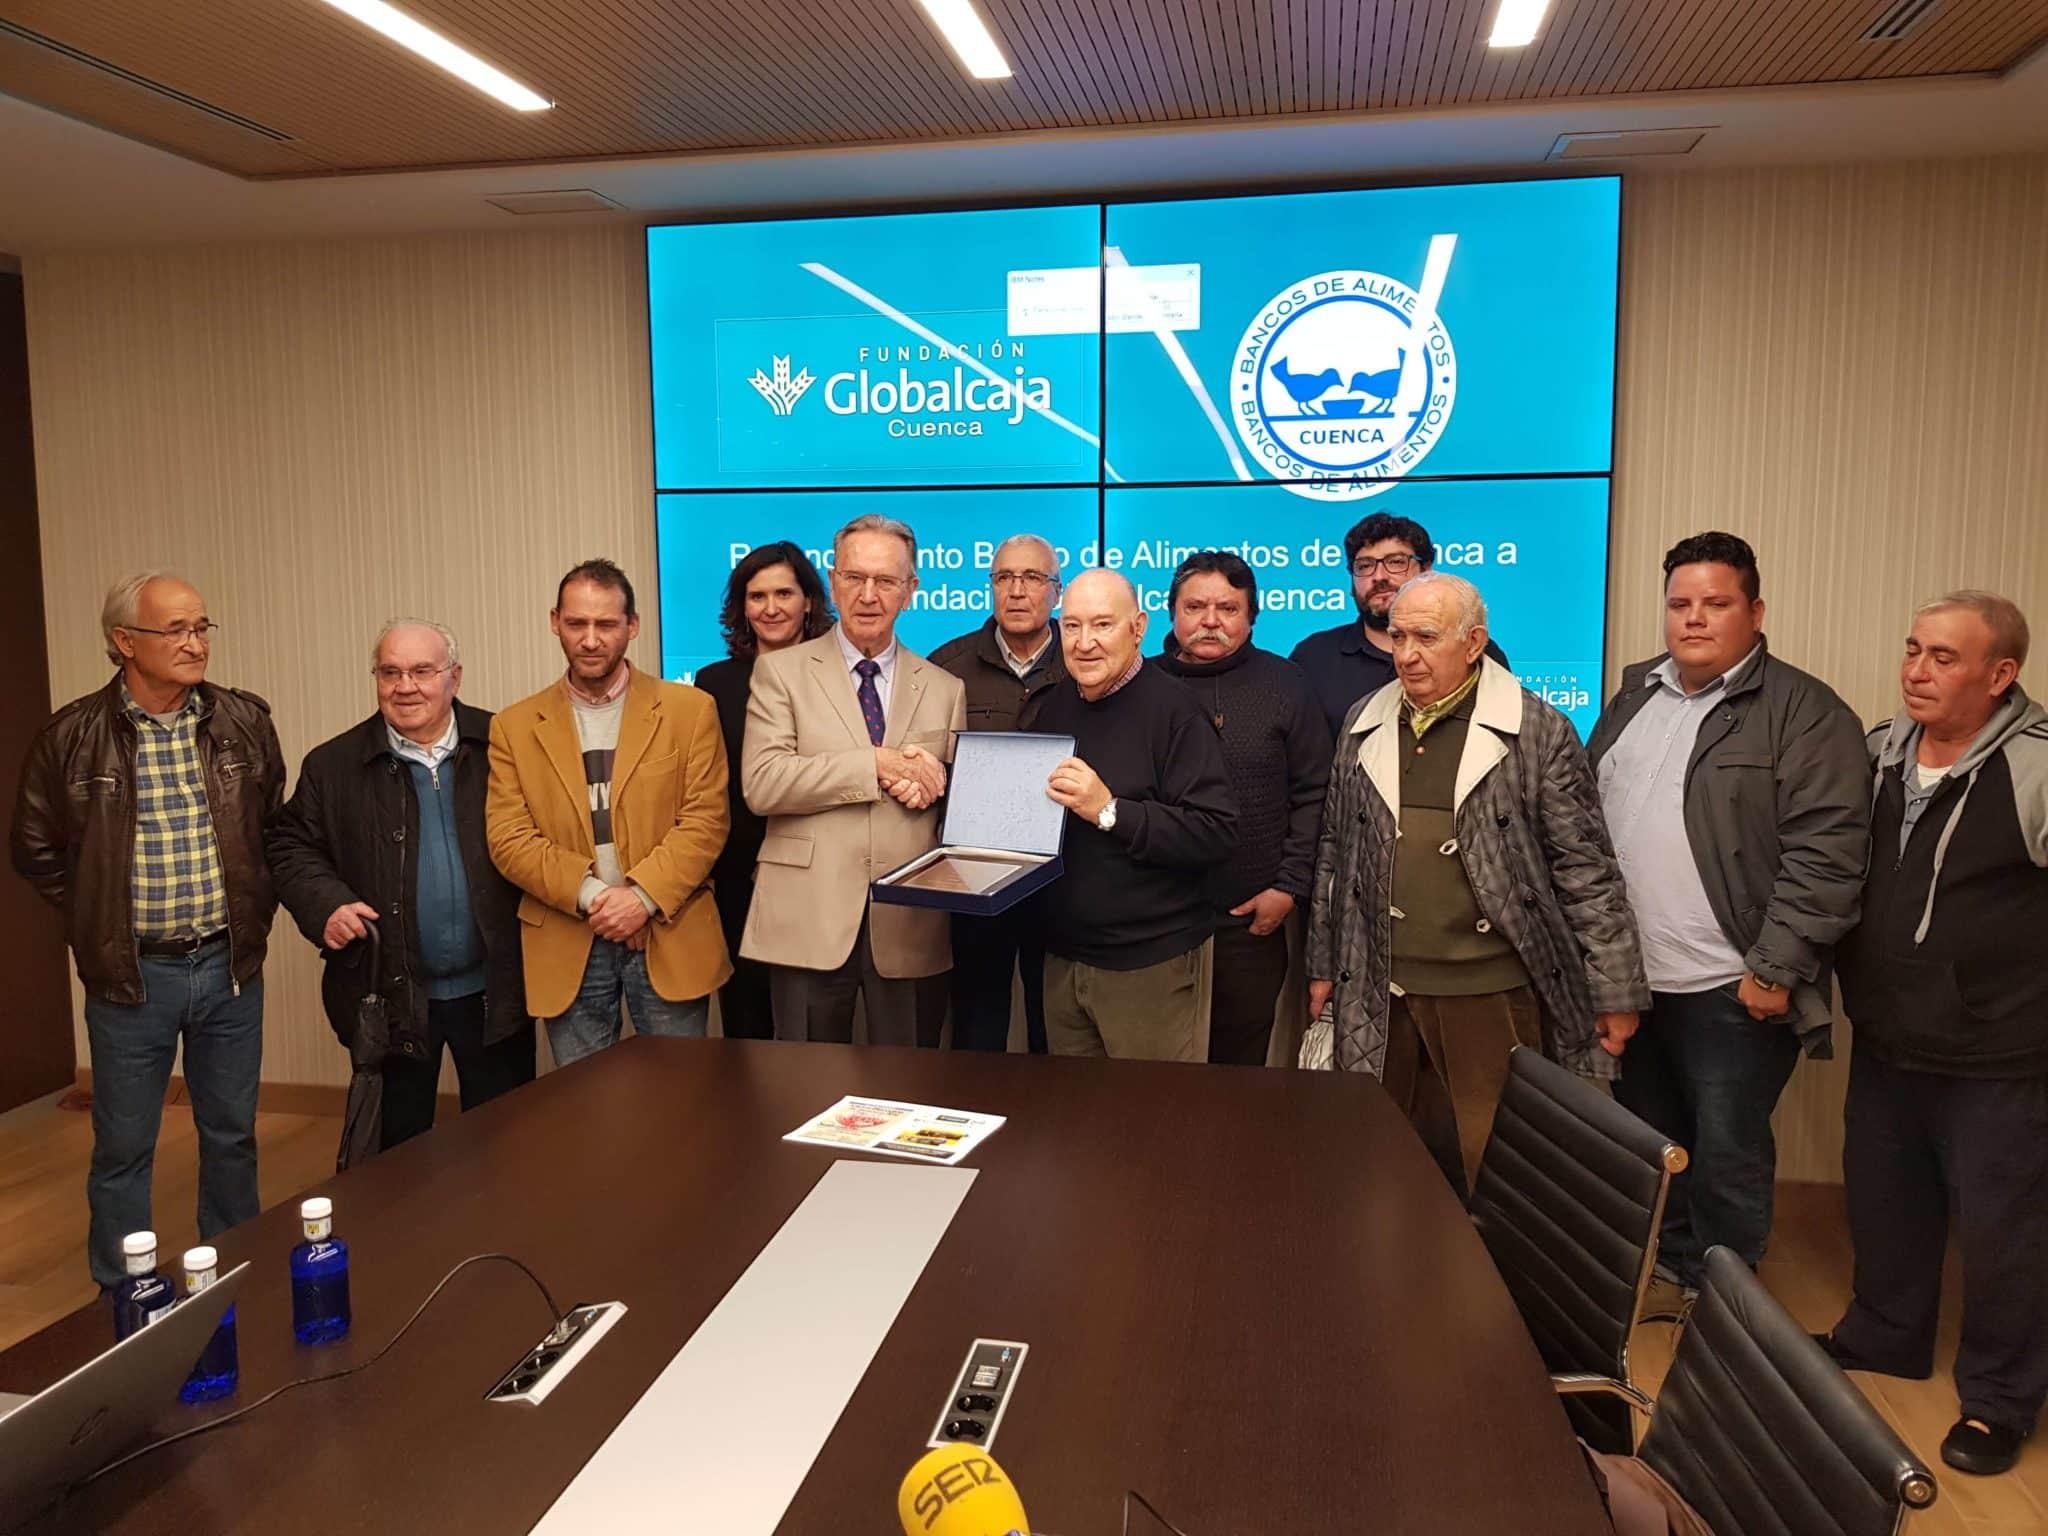 https://blog.globalcaja.es/wp-content/uploads/2019/11/Globalcaja-y-Banco-de-alimentos-Cuenca.jpg